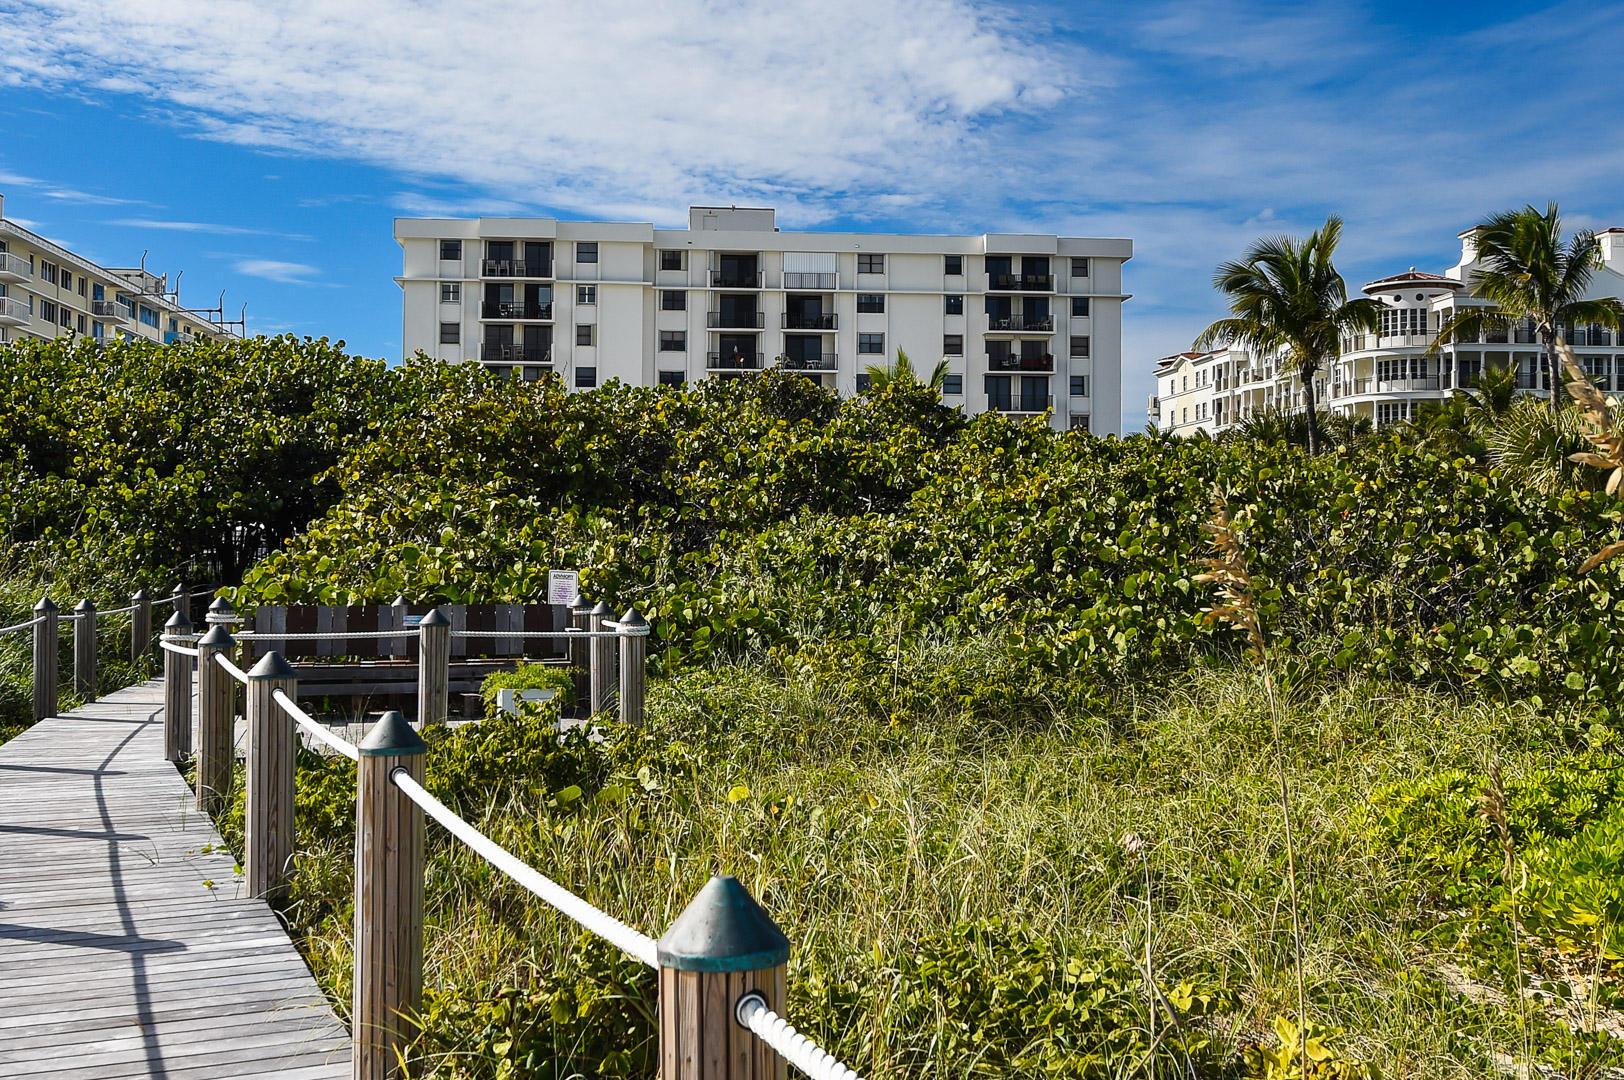 PALM BEACH SHORES FLORIDA